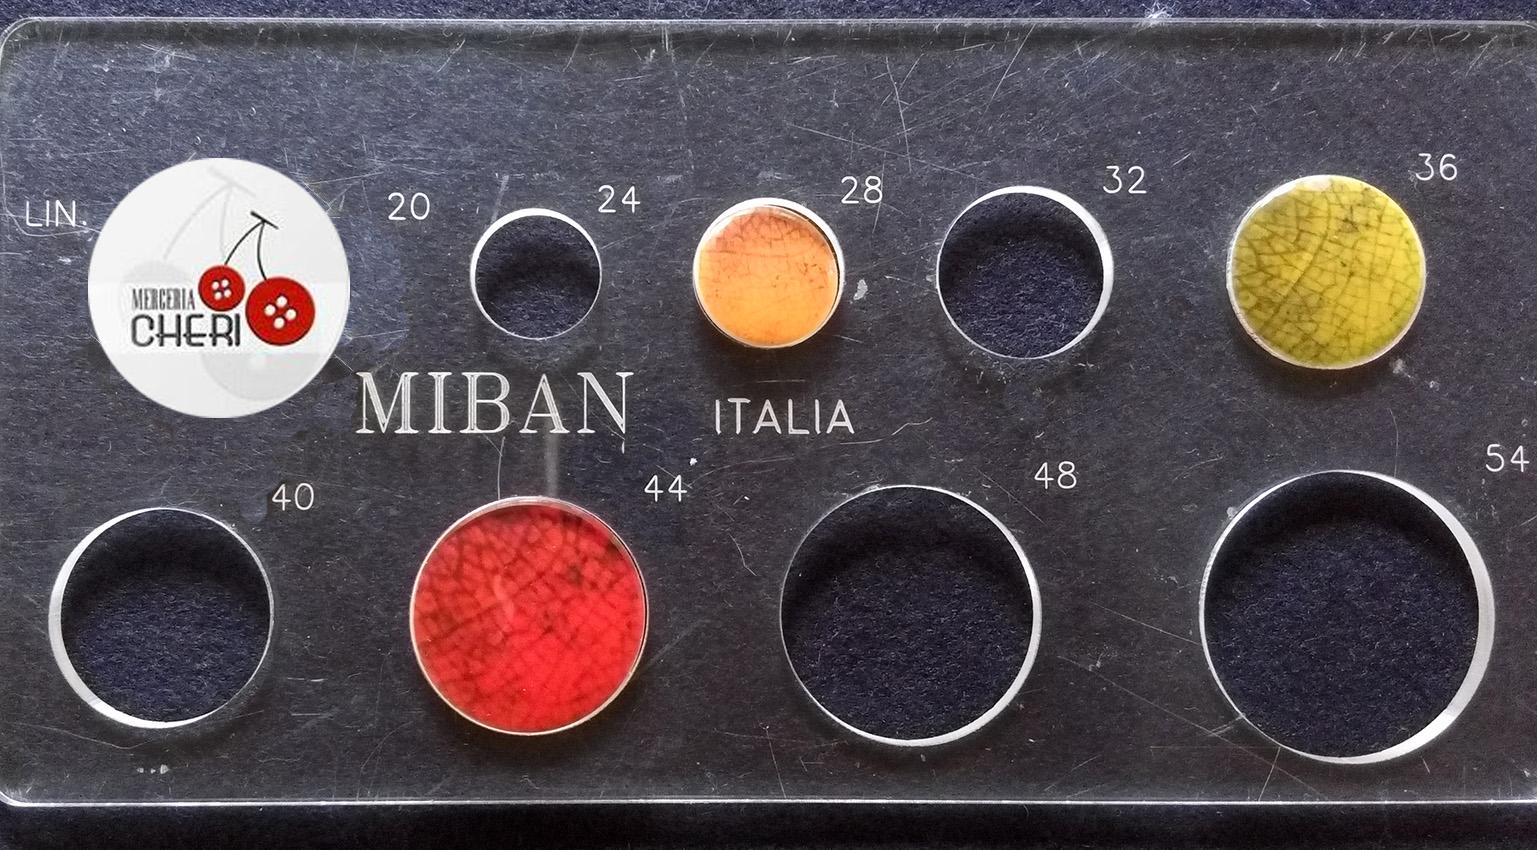 miban-9820-3